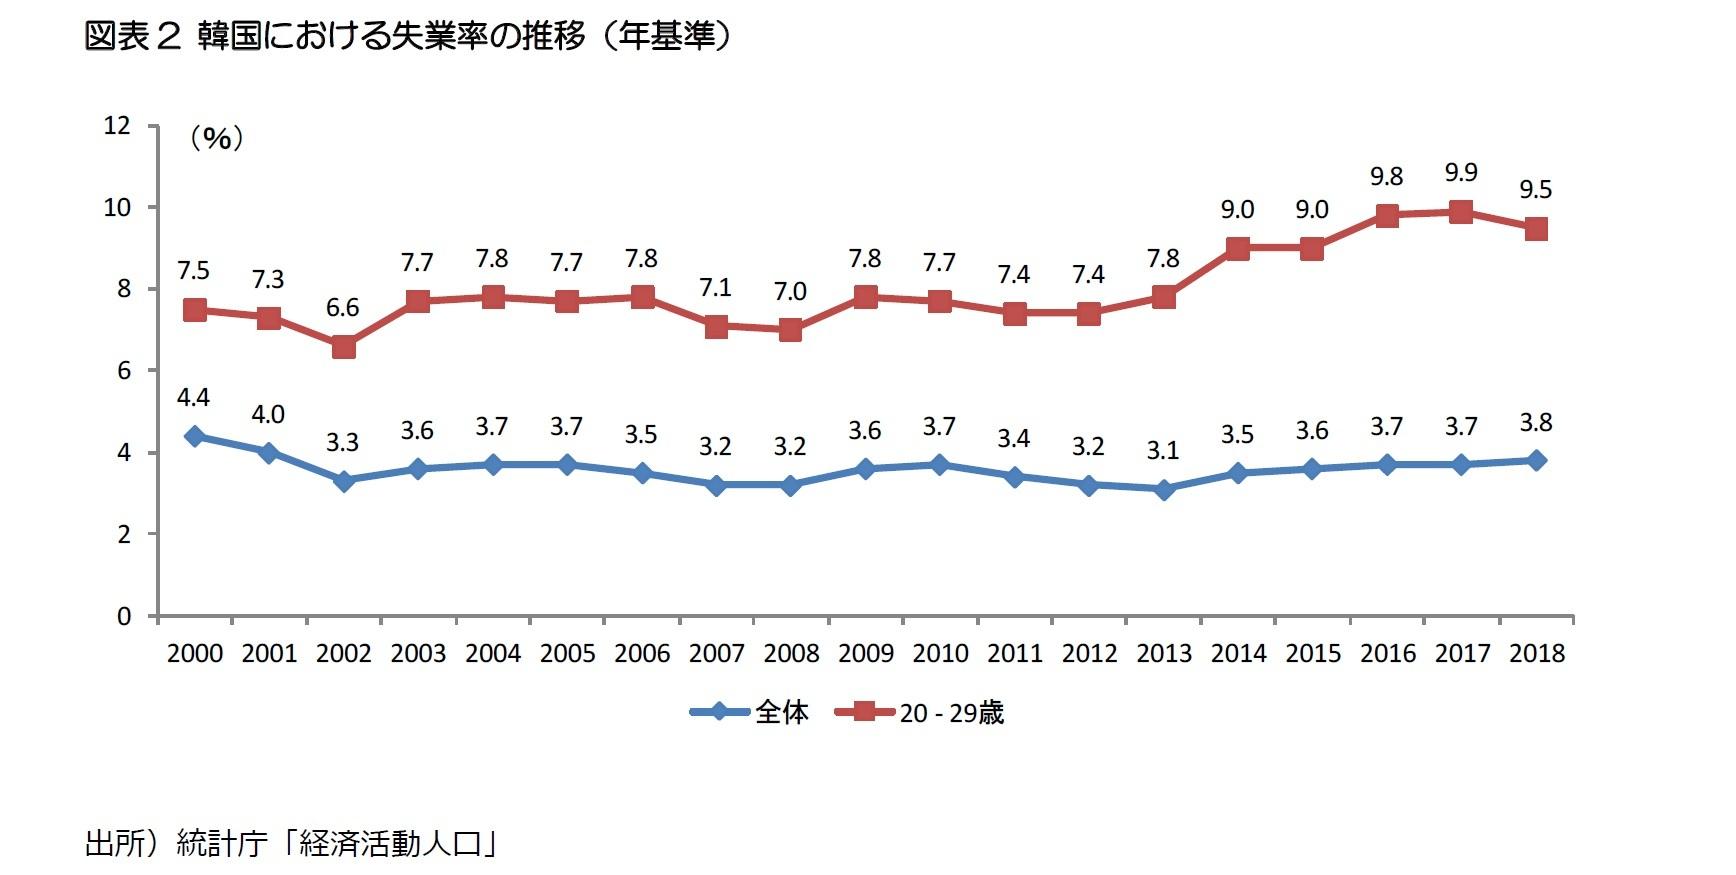 図表2 韓国における失業率の推移(年基準)